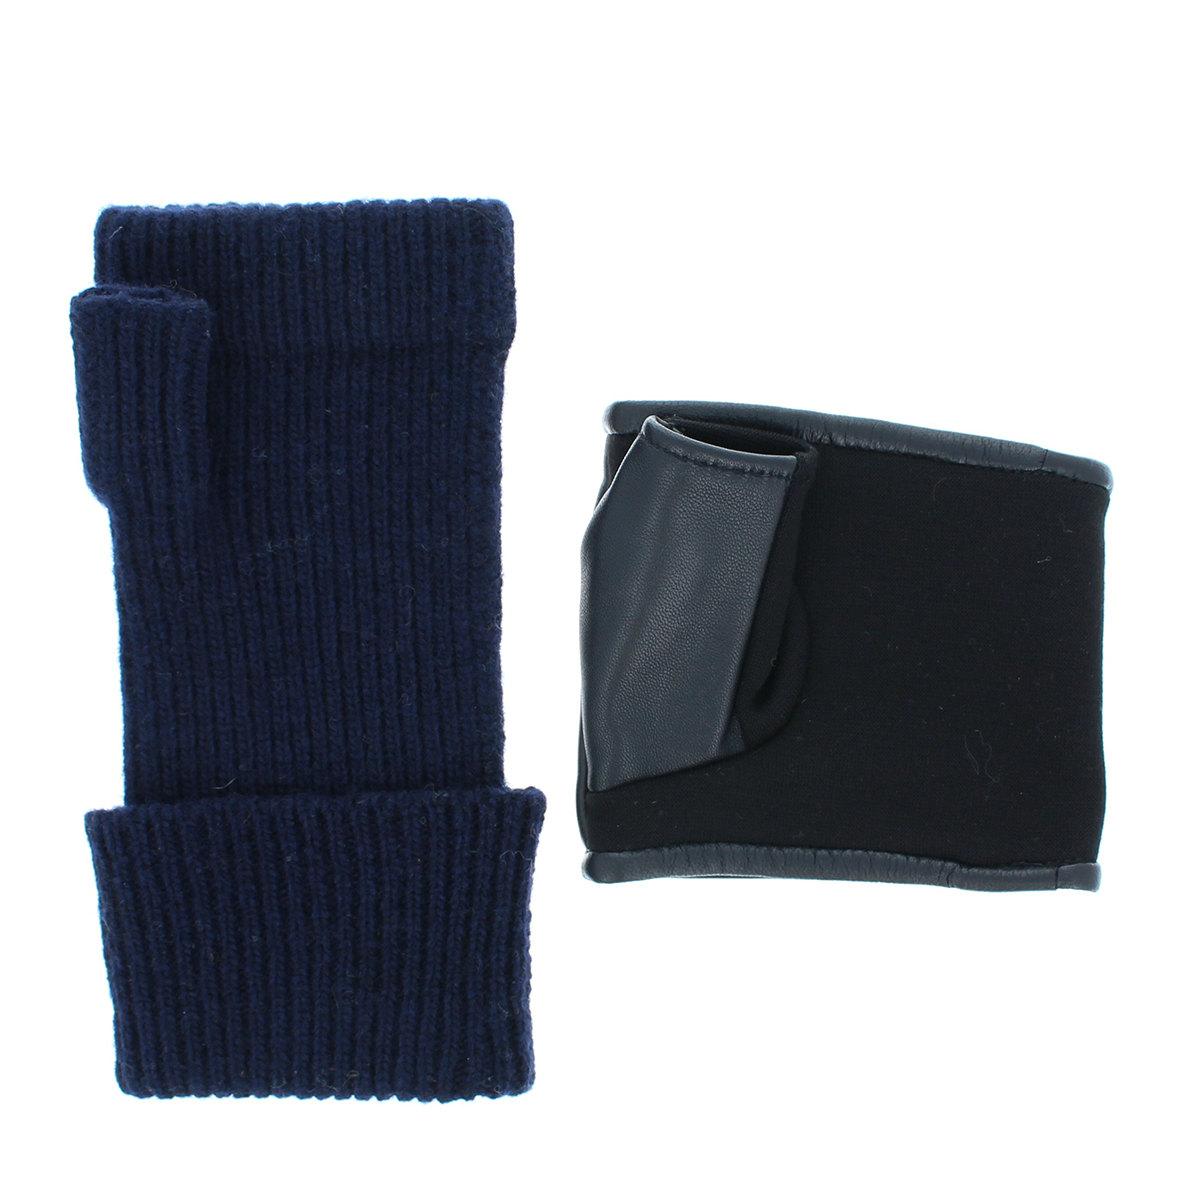 指なし ニット手袋 レザーカフ レイヤードスタイル  BIYUTE